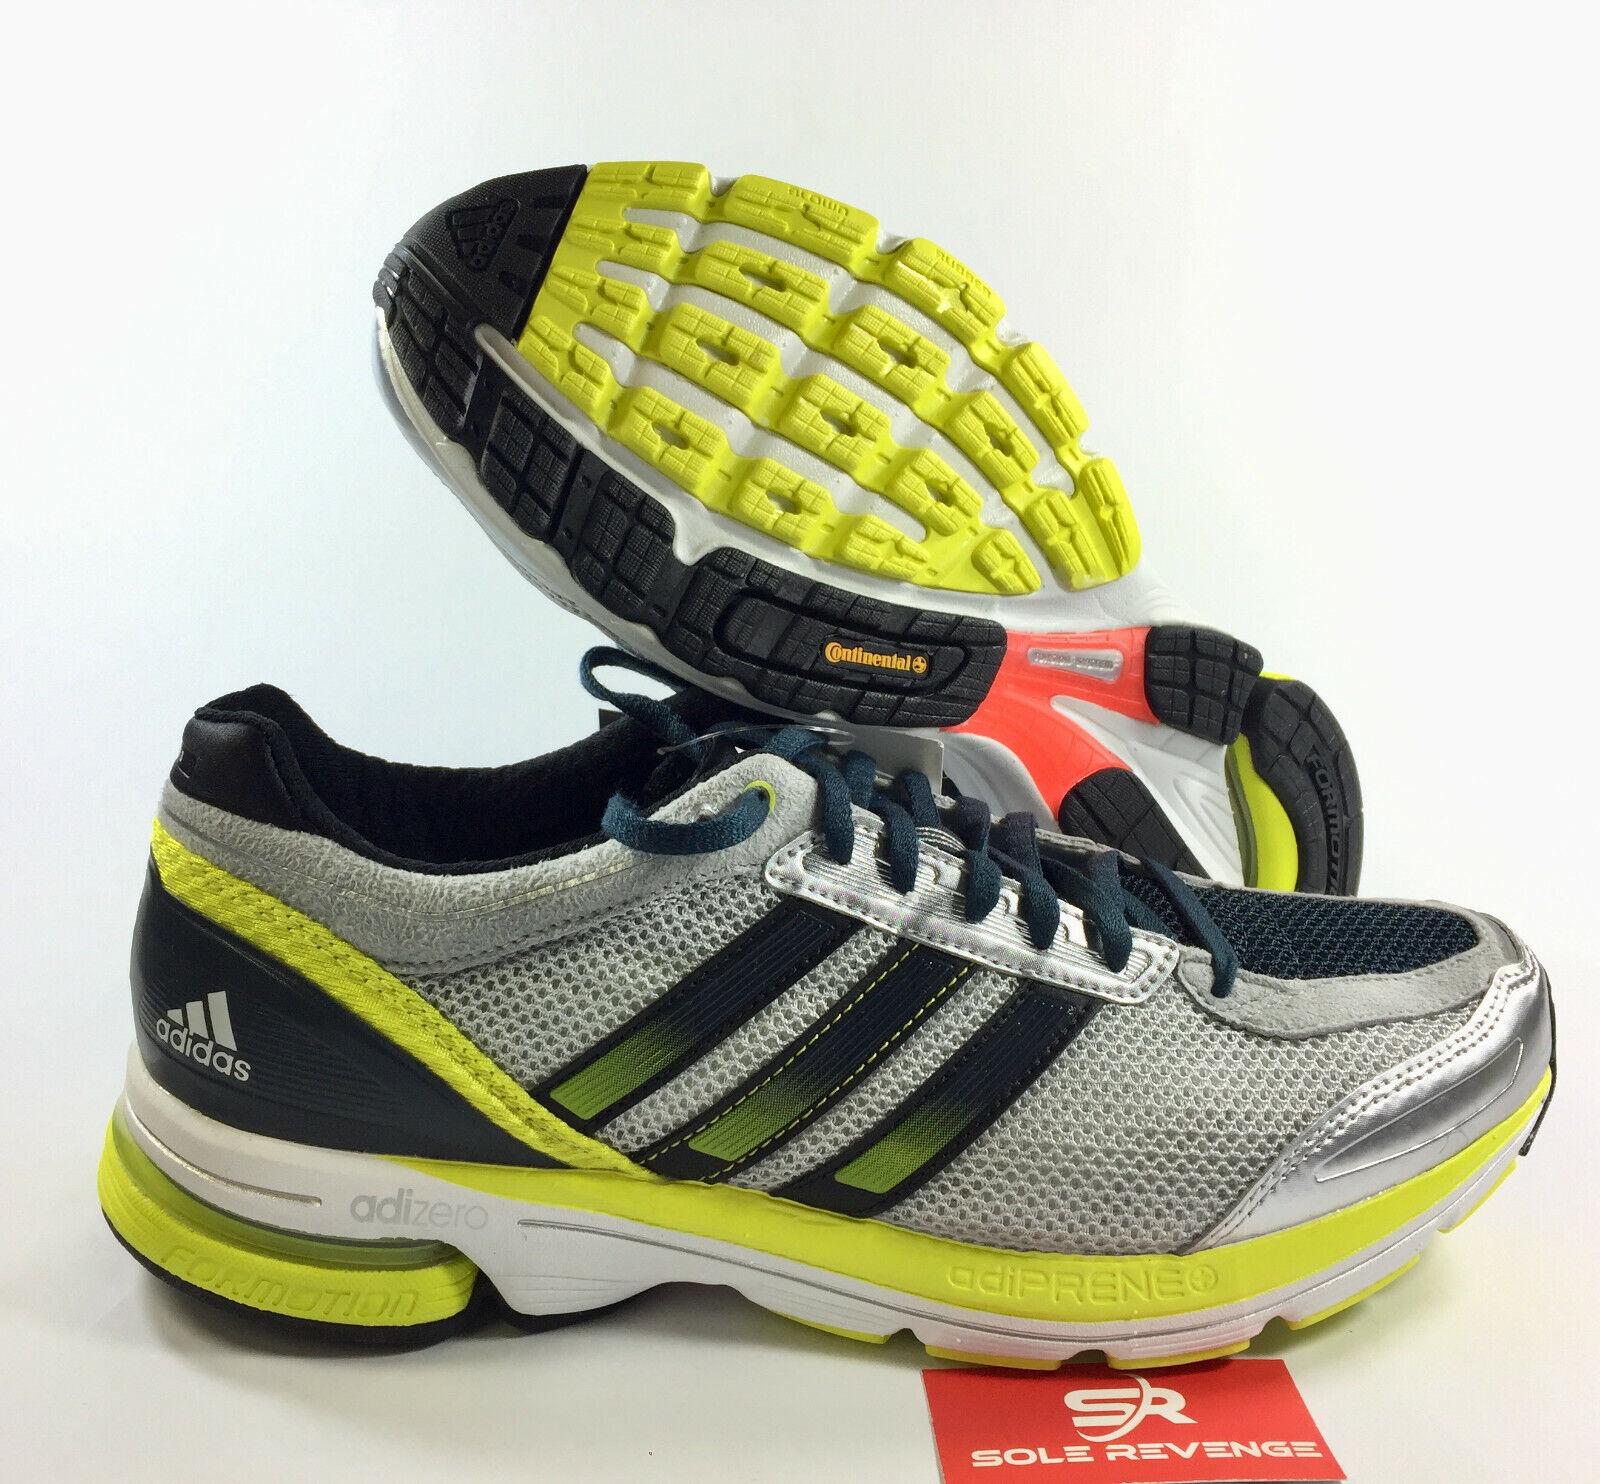 9.5 Mens adidas adizero BOSTON 3 shoes Metallic Silver bluee bluee bluee Lab Lime G62756 x1 31339e